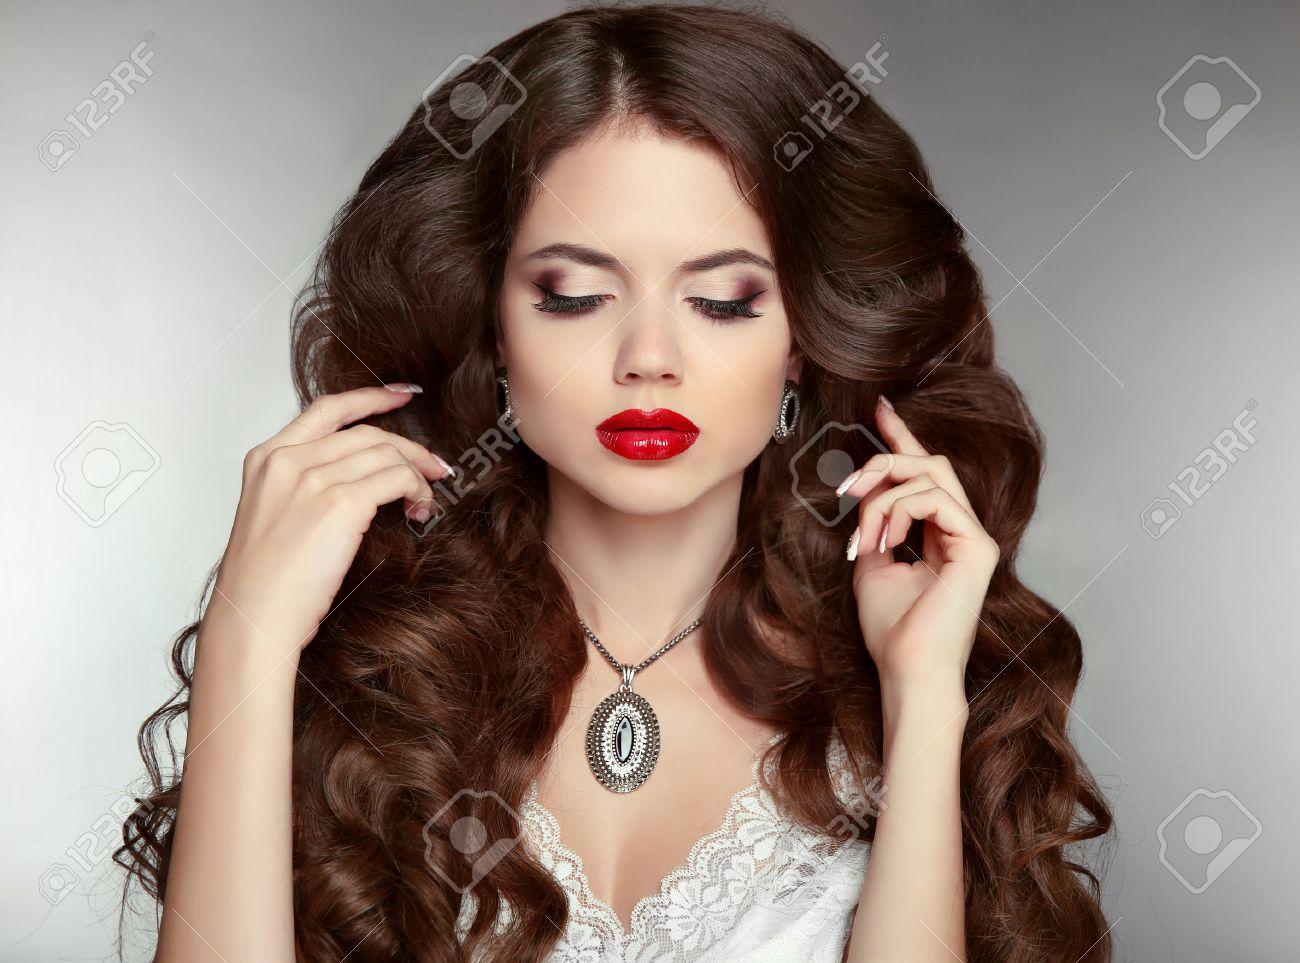 Lange Haare Bilden Schone Frau Mit Welligen Frisur Und Abend Make